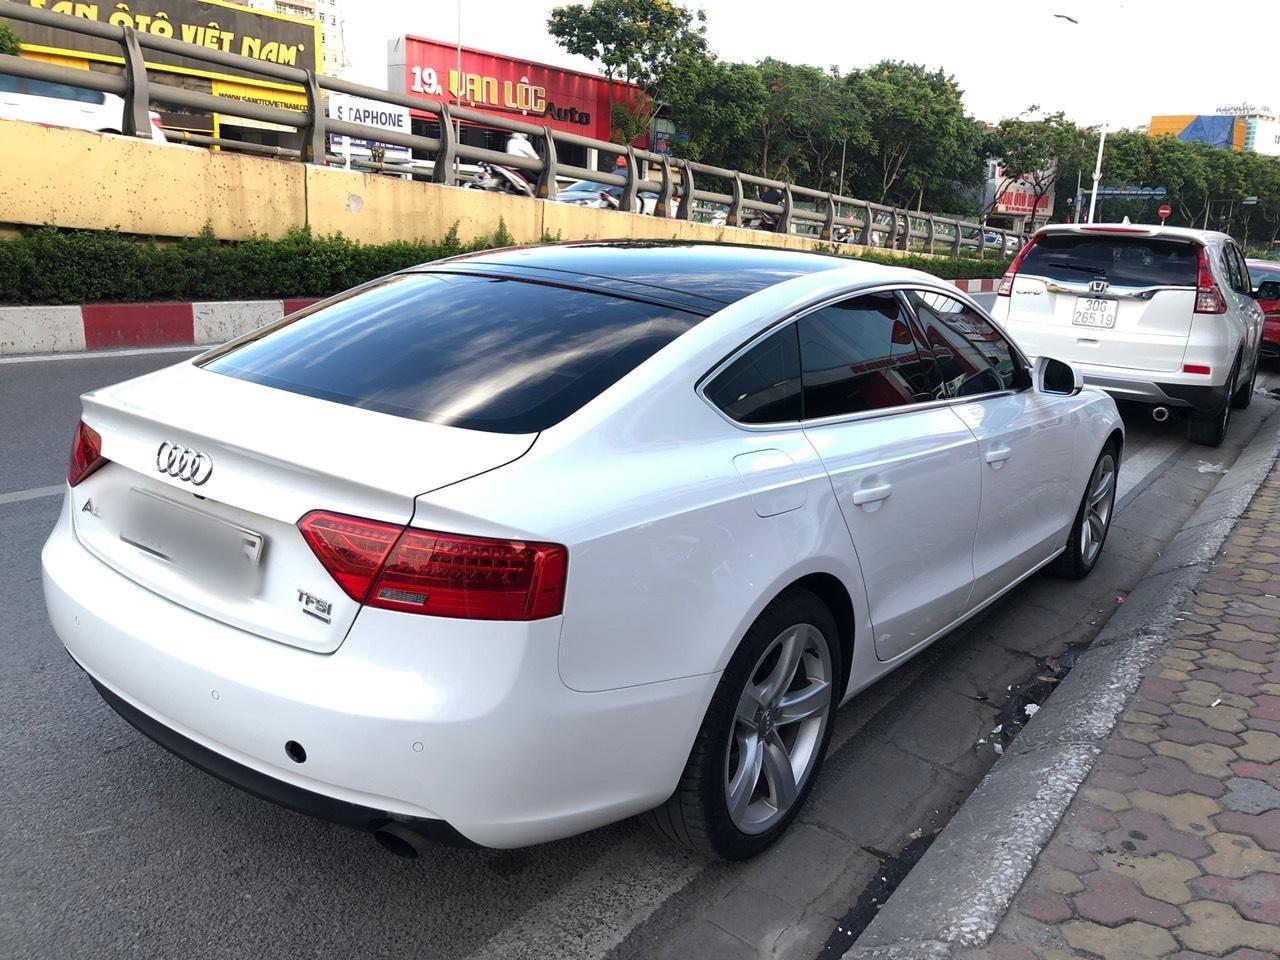 Cần bán lại xe Audi A5 năm 2012, giá tốt (13)